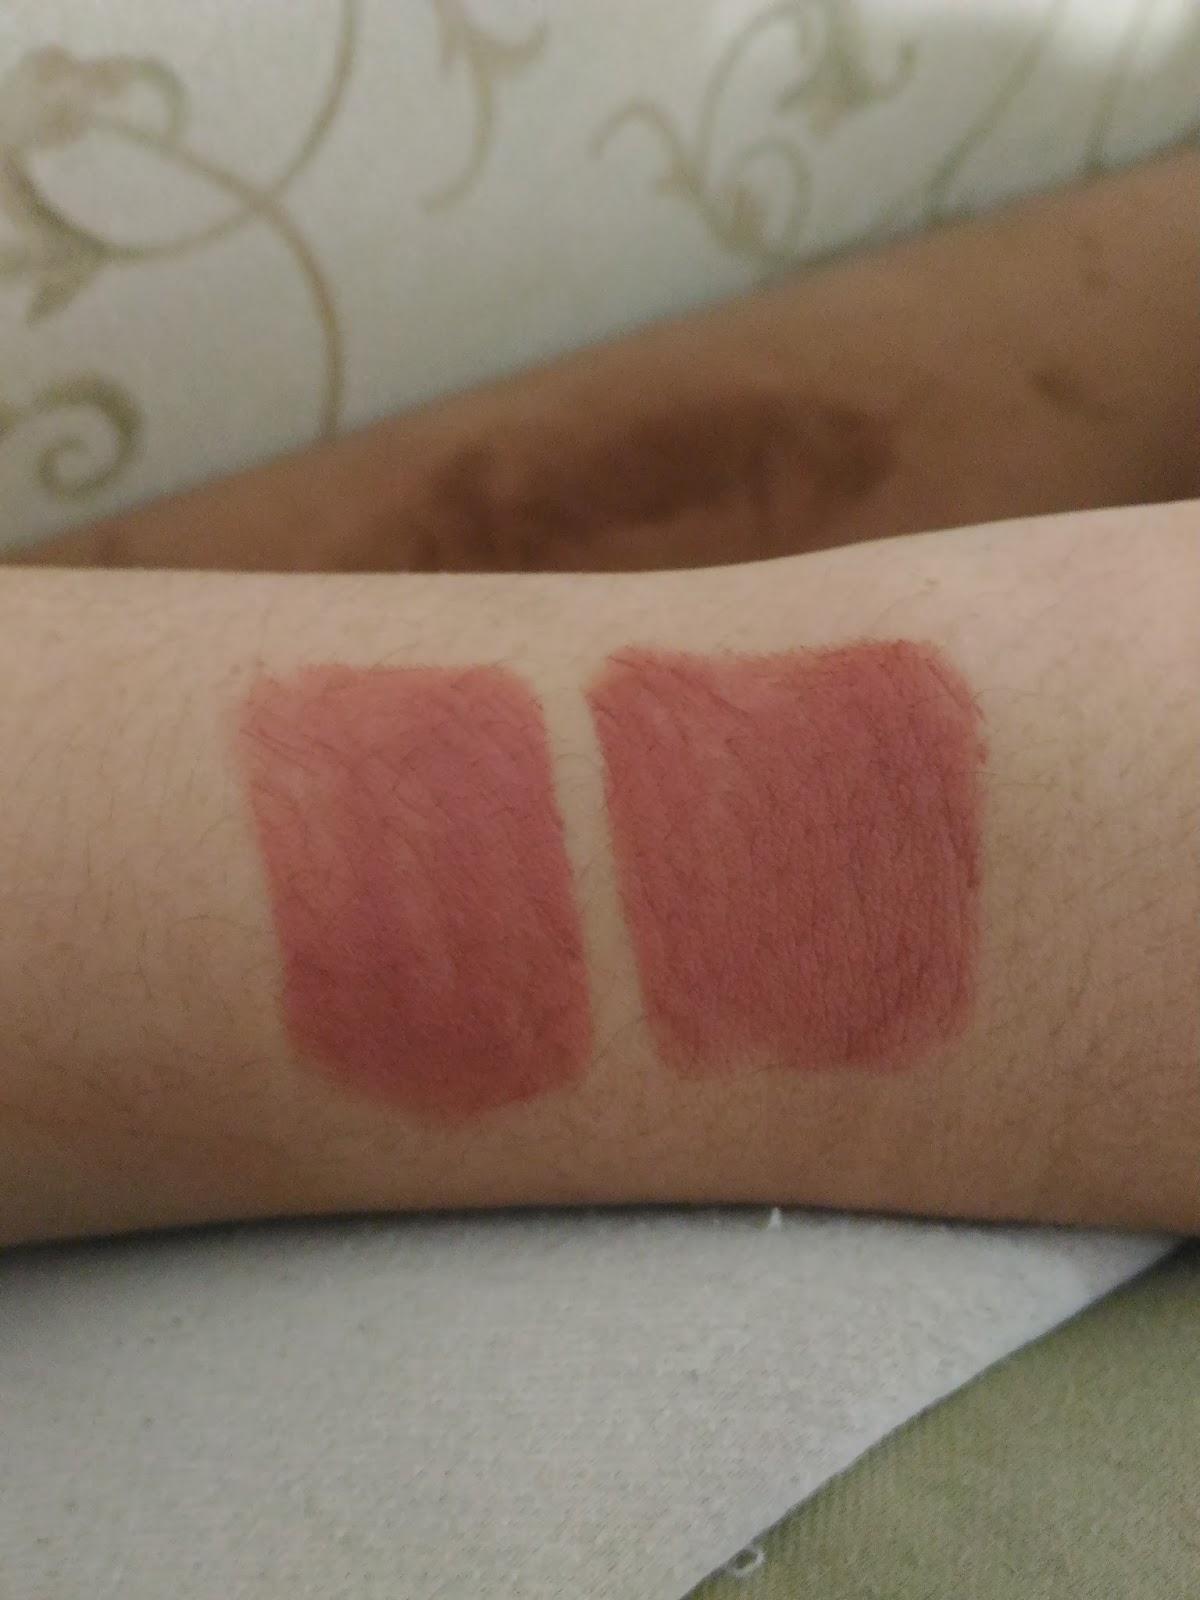 Harga Dan Spesifikasi Wardah Intense Matte Lipstick 07 Passionate Pink 25gr Tempat Jual Easy Brownie Beauty Fun 23 G 05